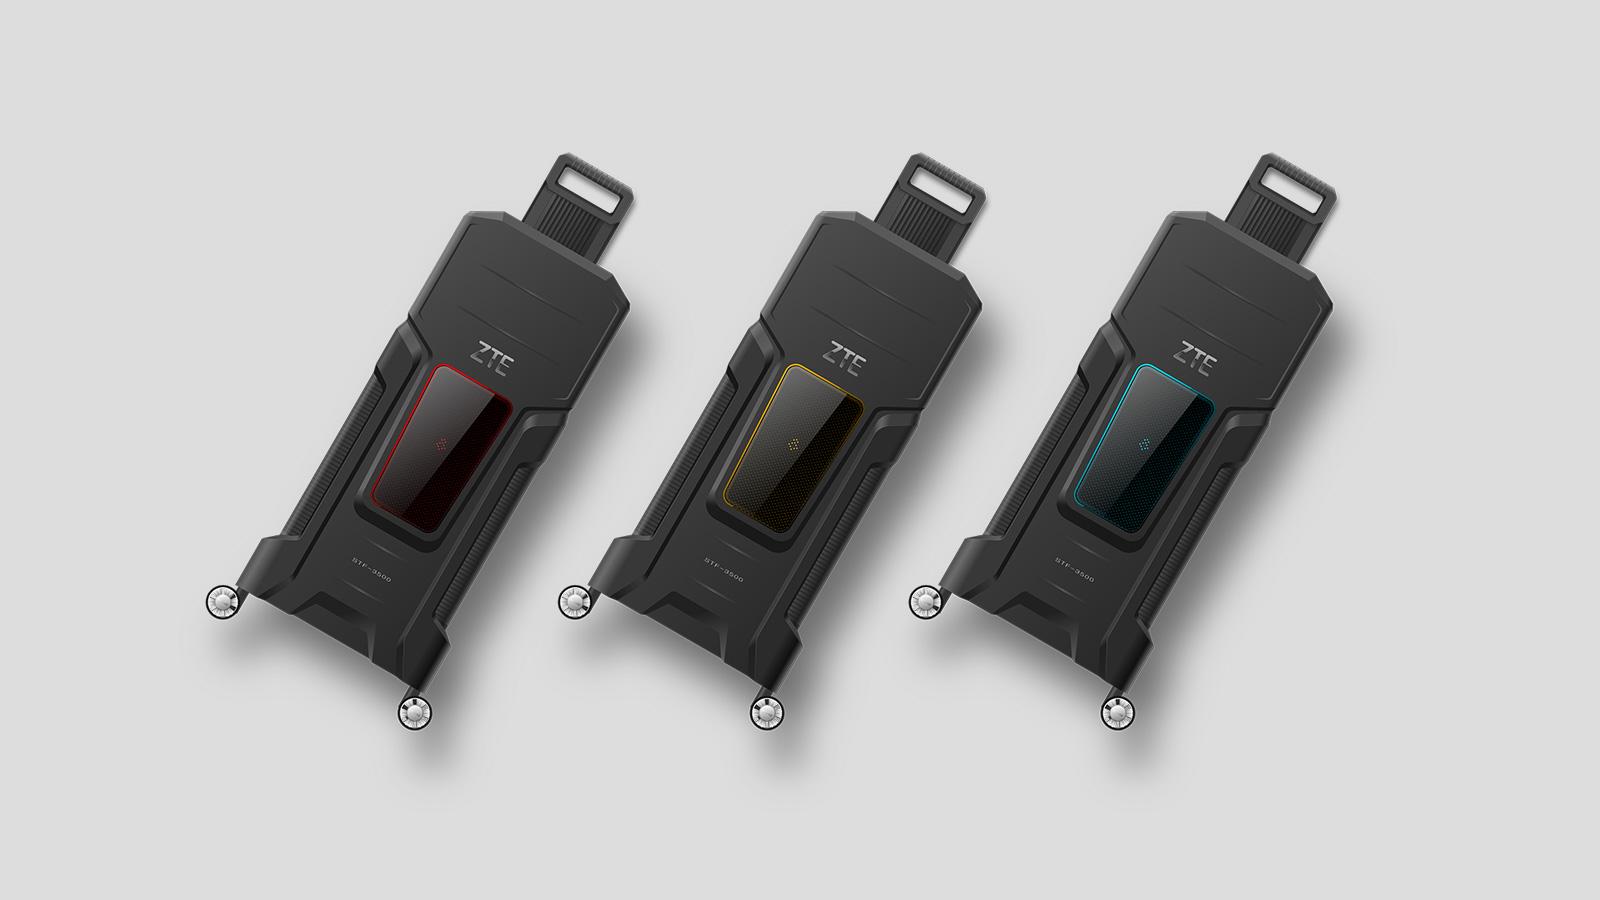 工业三防拉杆箱具有智能锁、蓝牙追踪定位等功能